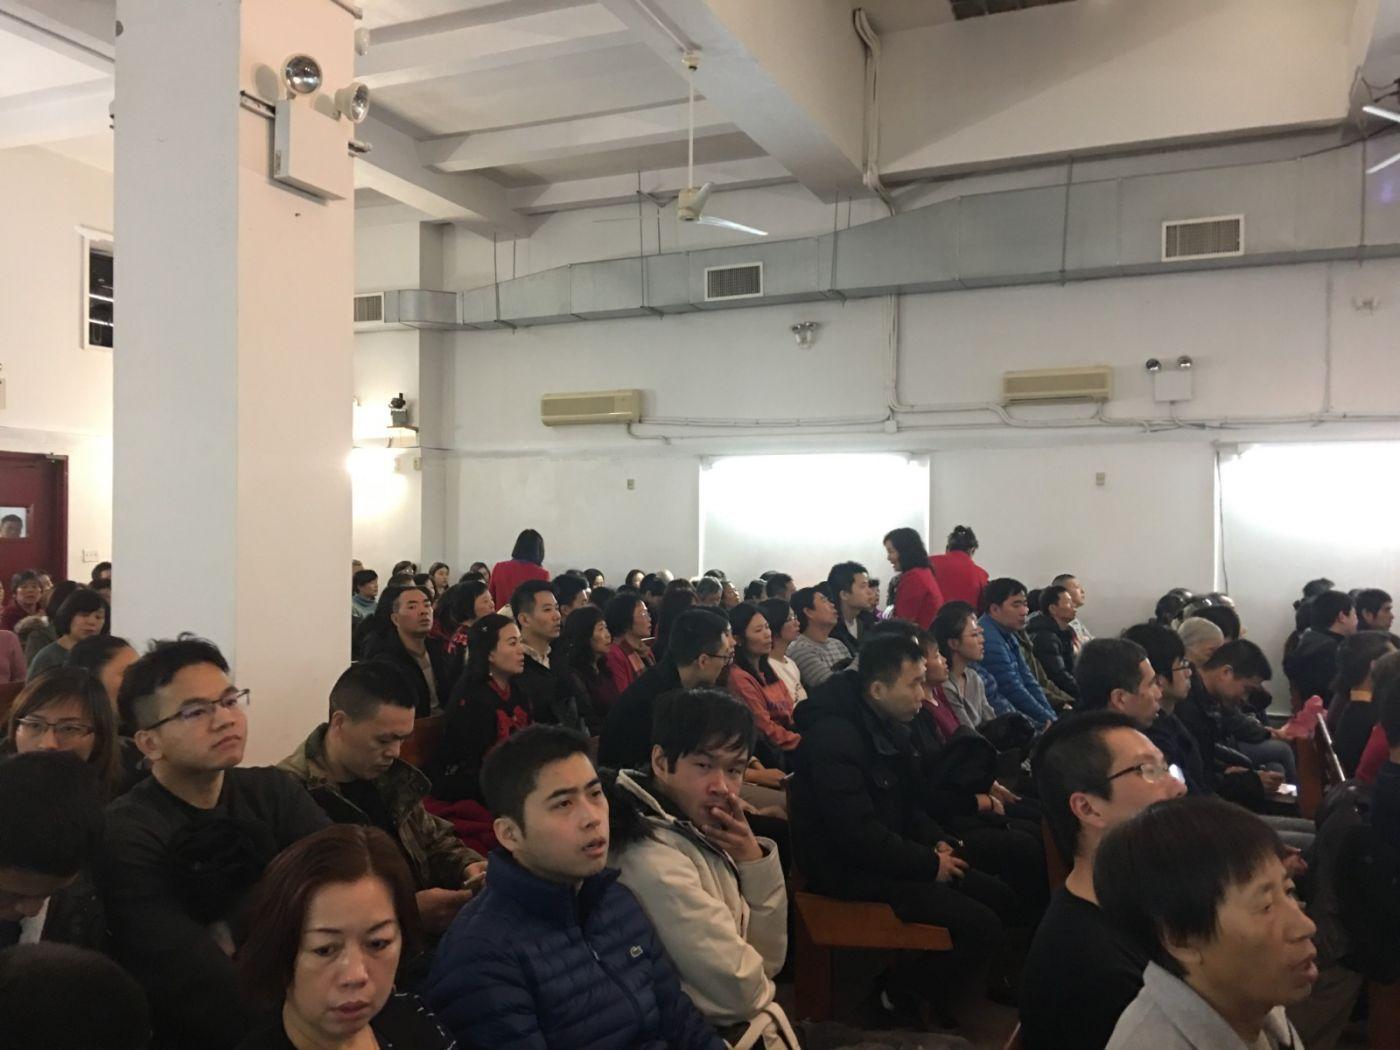 2019紐約基督閩恩教會舉辦感恩節崇拜_图1-13